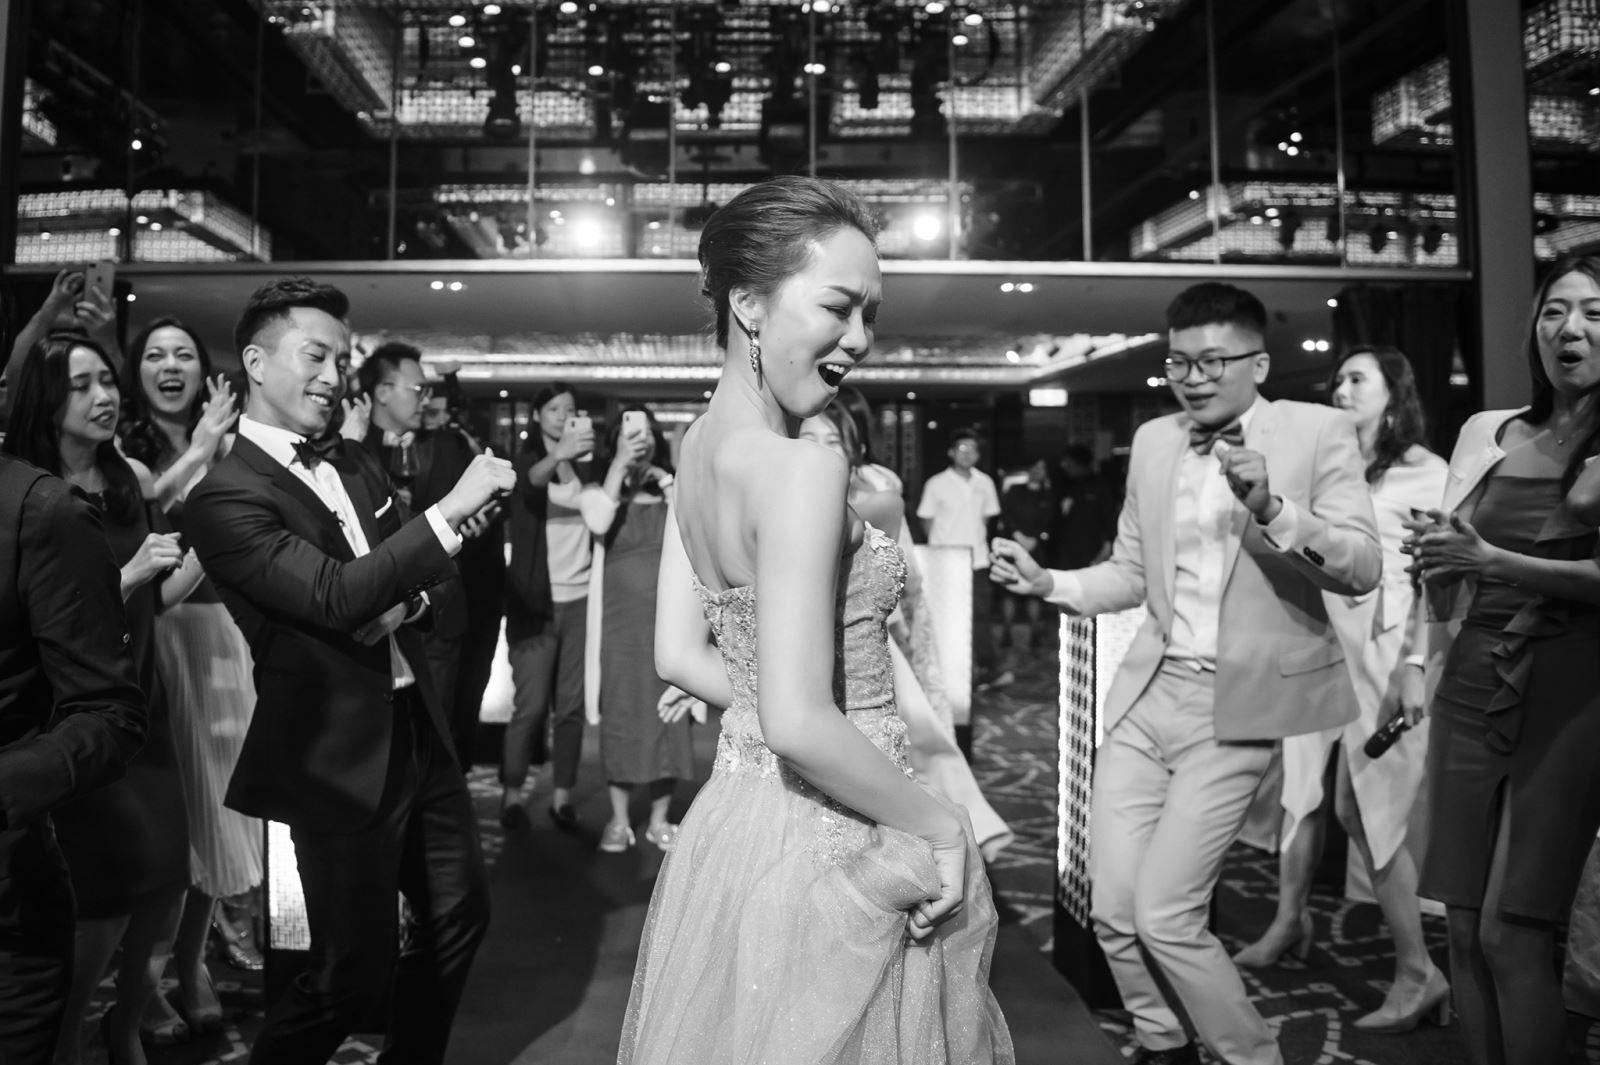 晶華酒店3樓宴會廳,非常適合辦婚禮,與賓客們一起跳舞